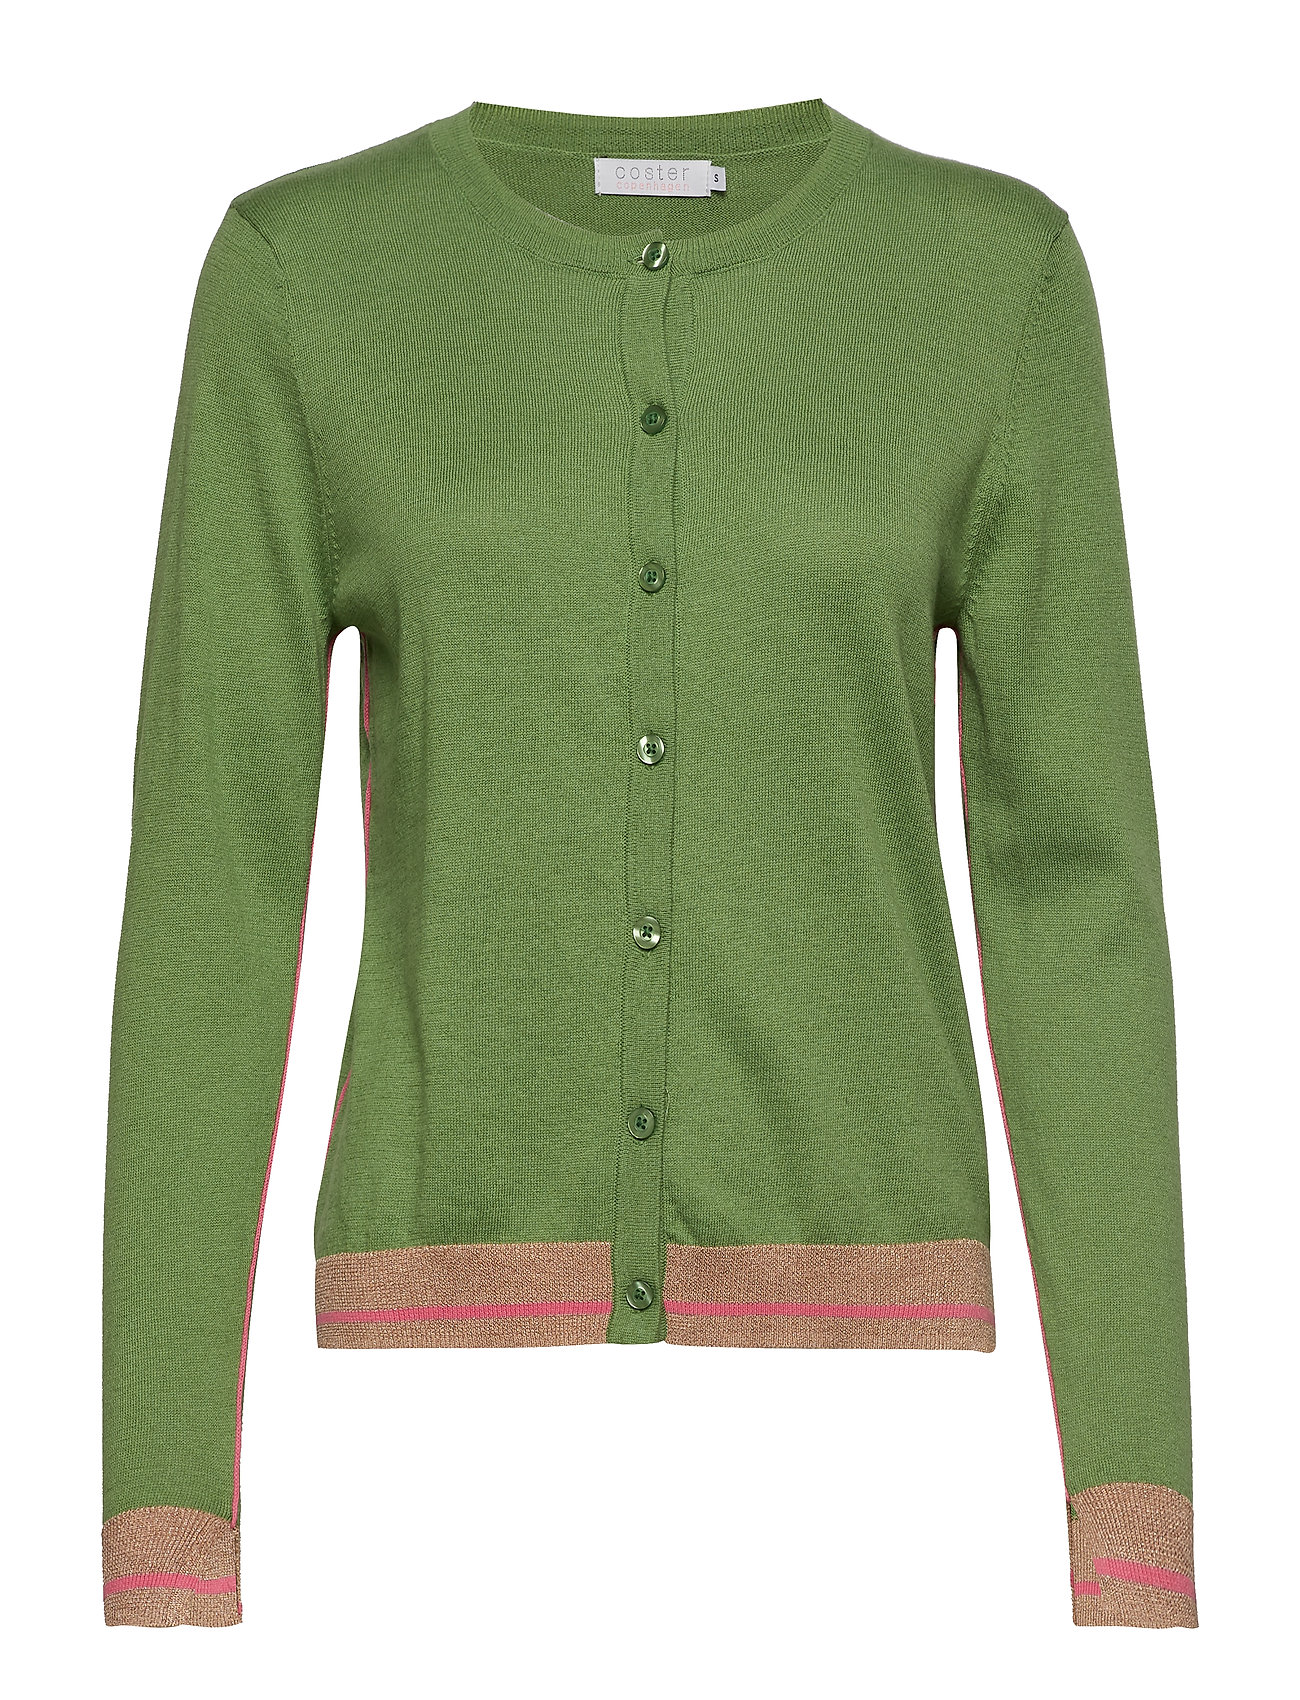 Seawoolforrest Cardigan GreenCoster Knitted In Copenhagen nvNm8wO0